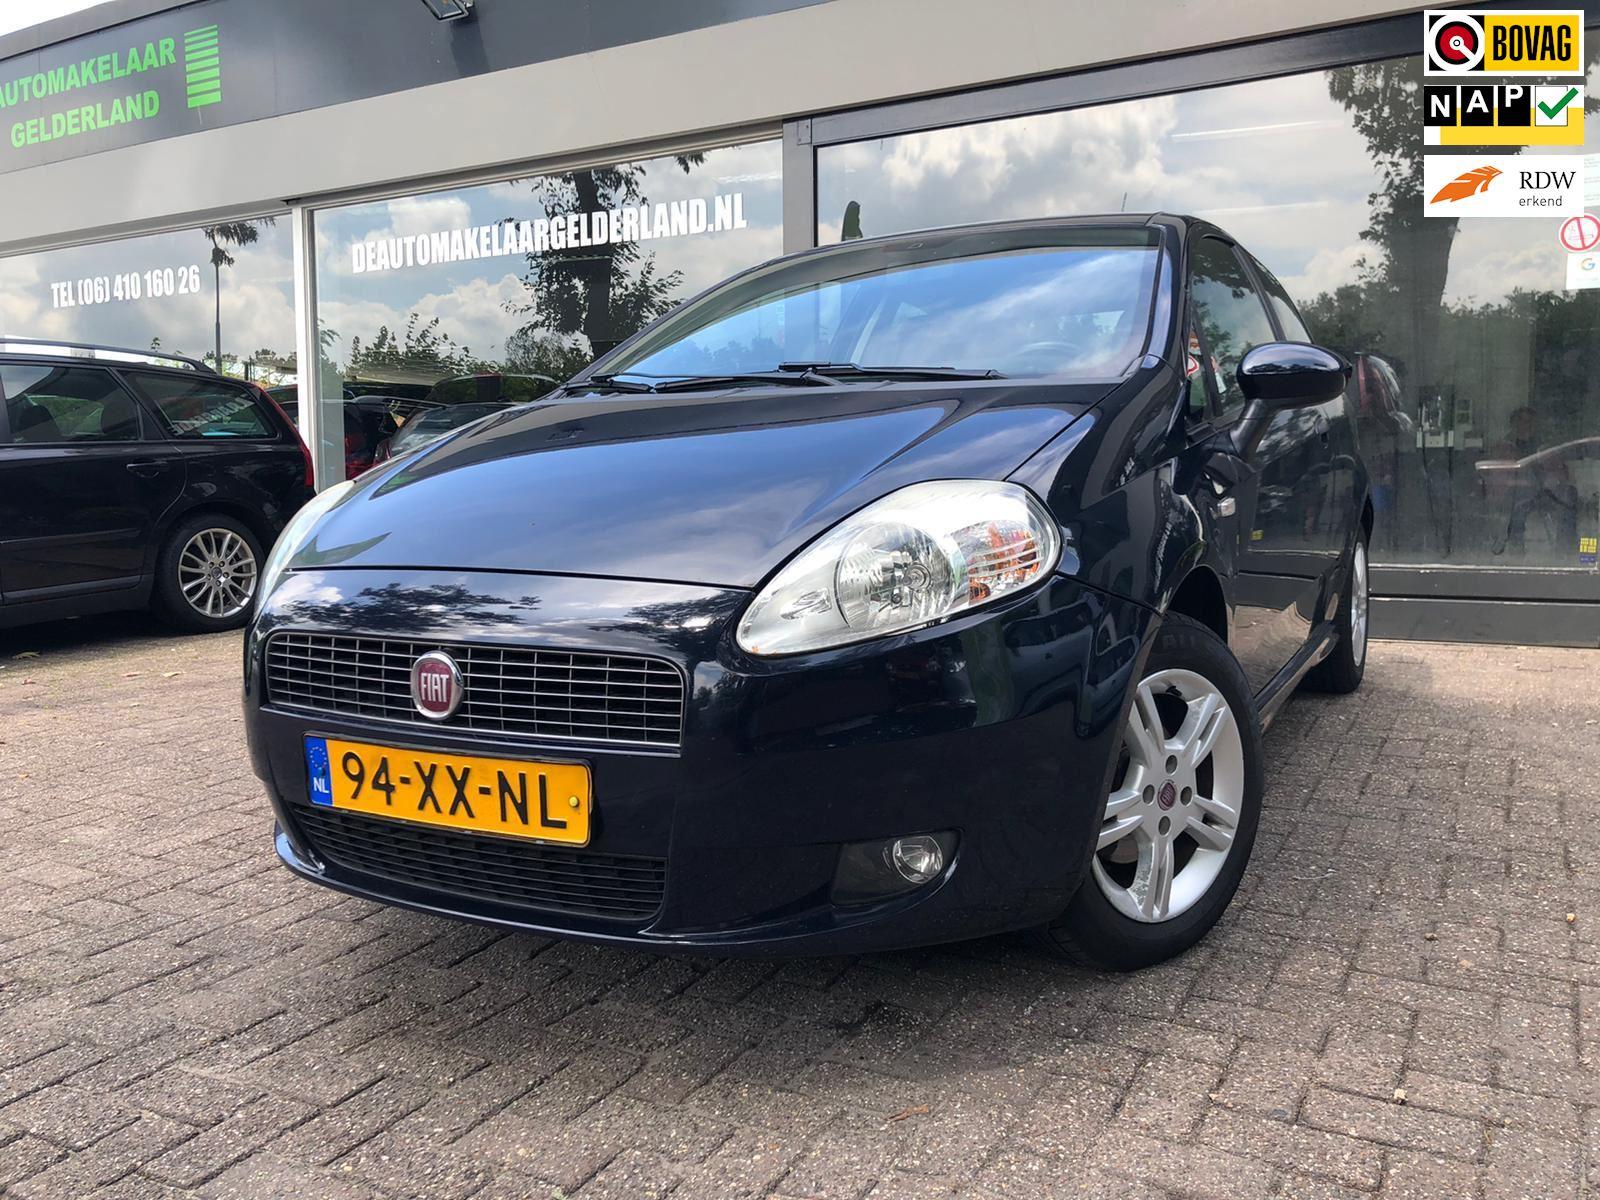 Fiat Grande Punto occasion - De Automakelaar Gelderland